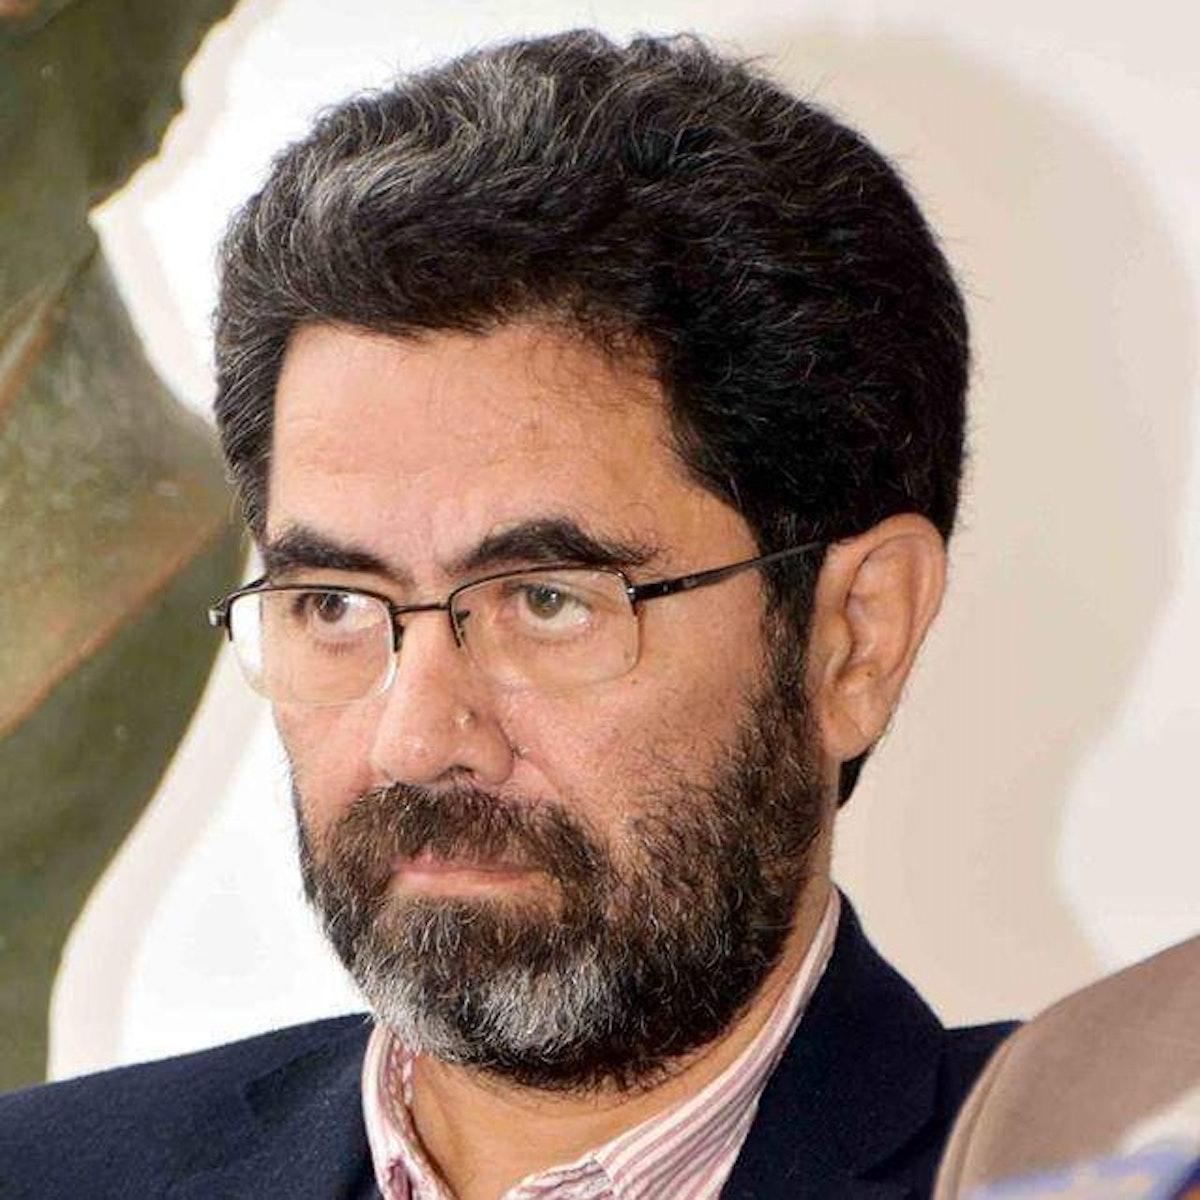 الشاعر المصري أمين حداد - الشرق